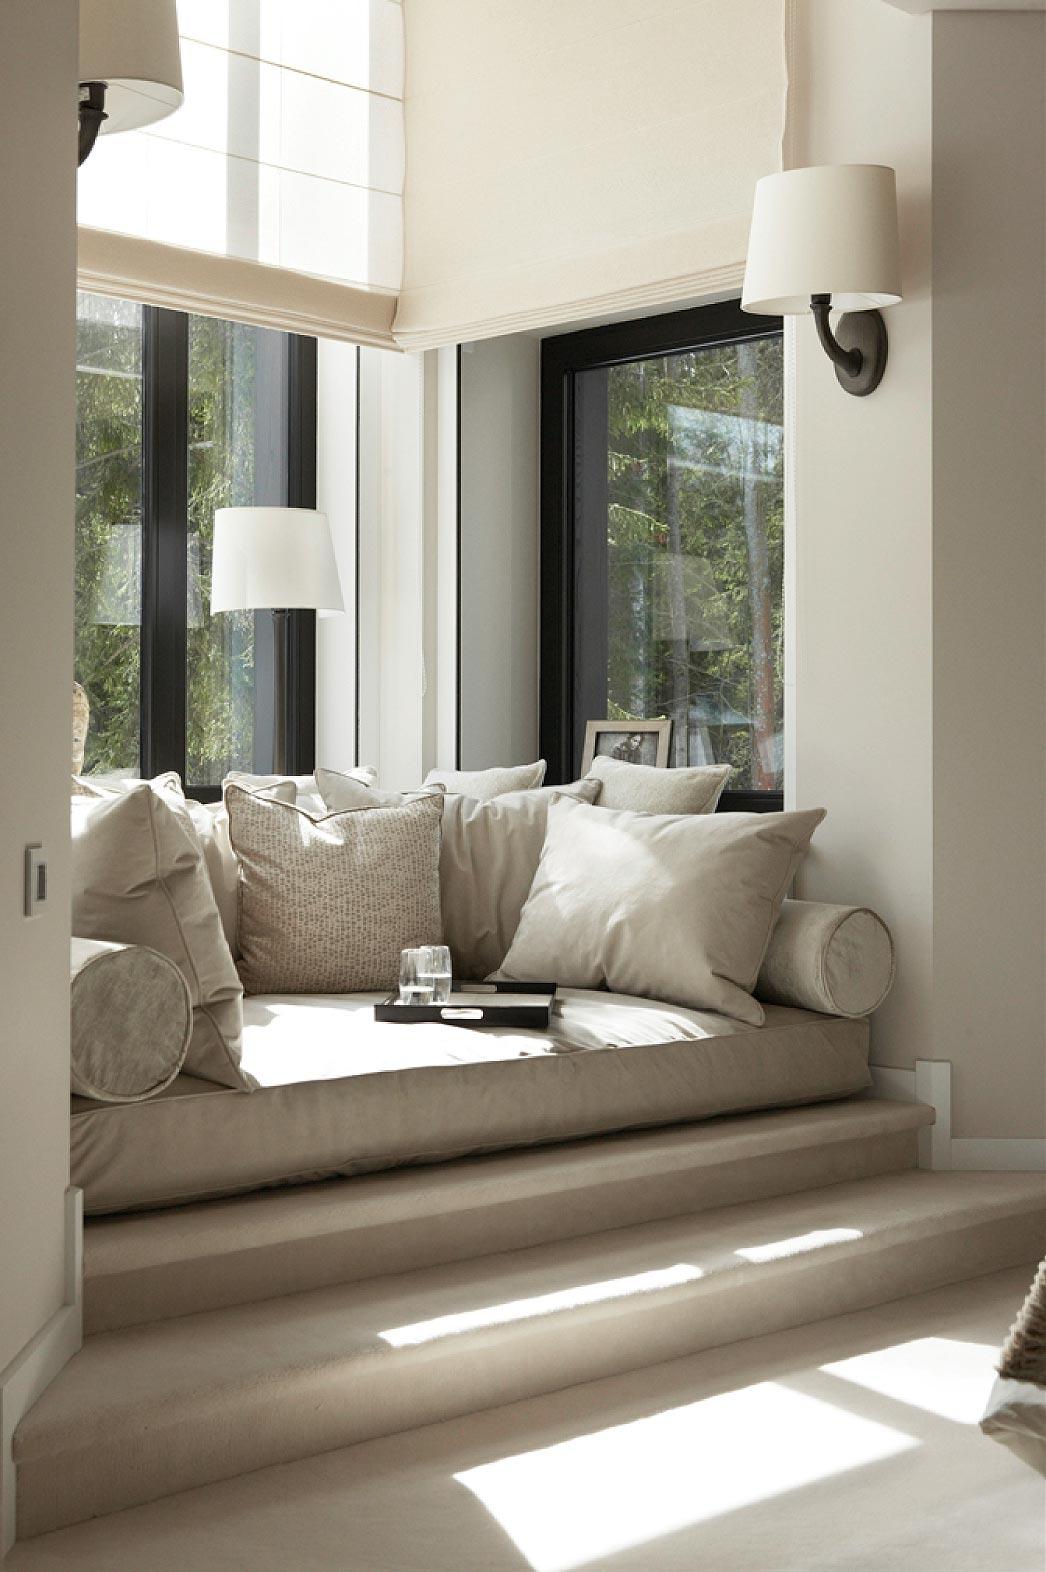 colores neutros muebles decoración